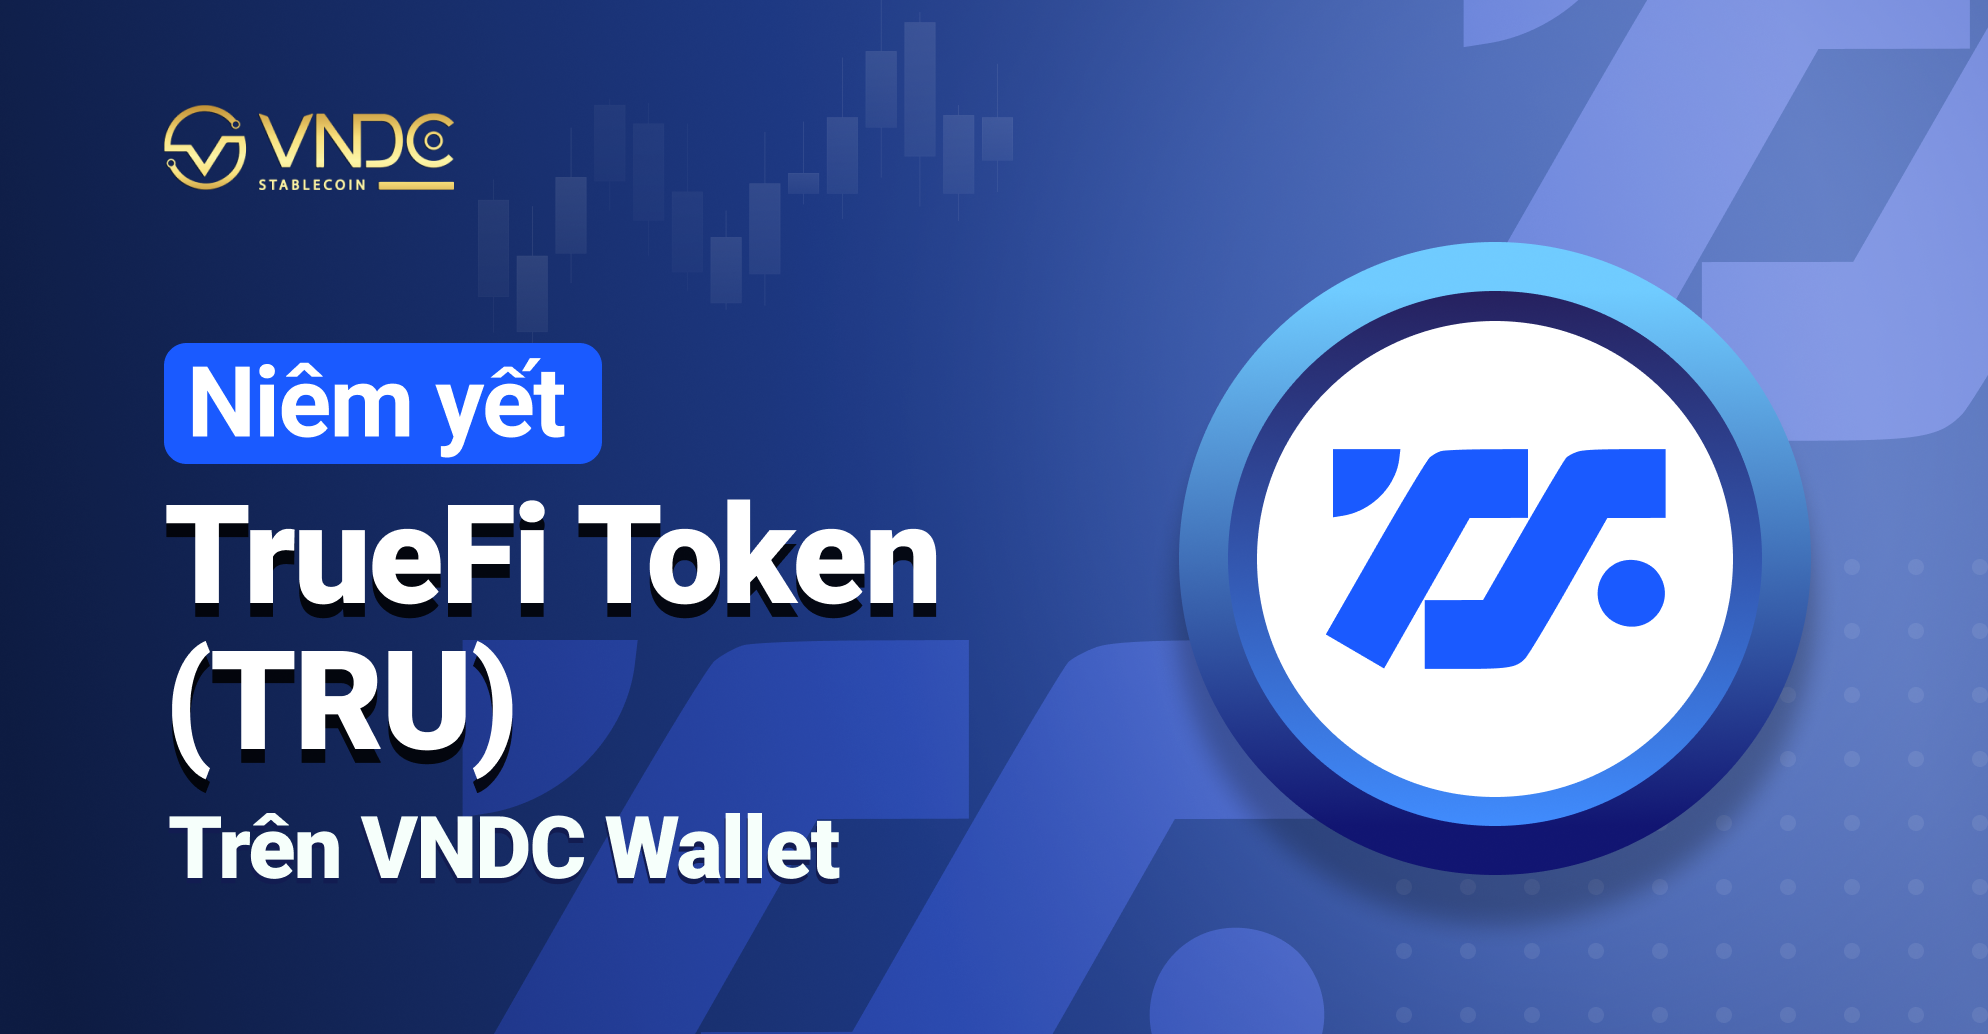 Niêm yết TrueFi Token (TRU) trên VNDC Wallet